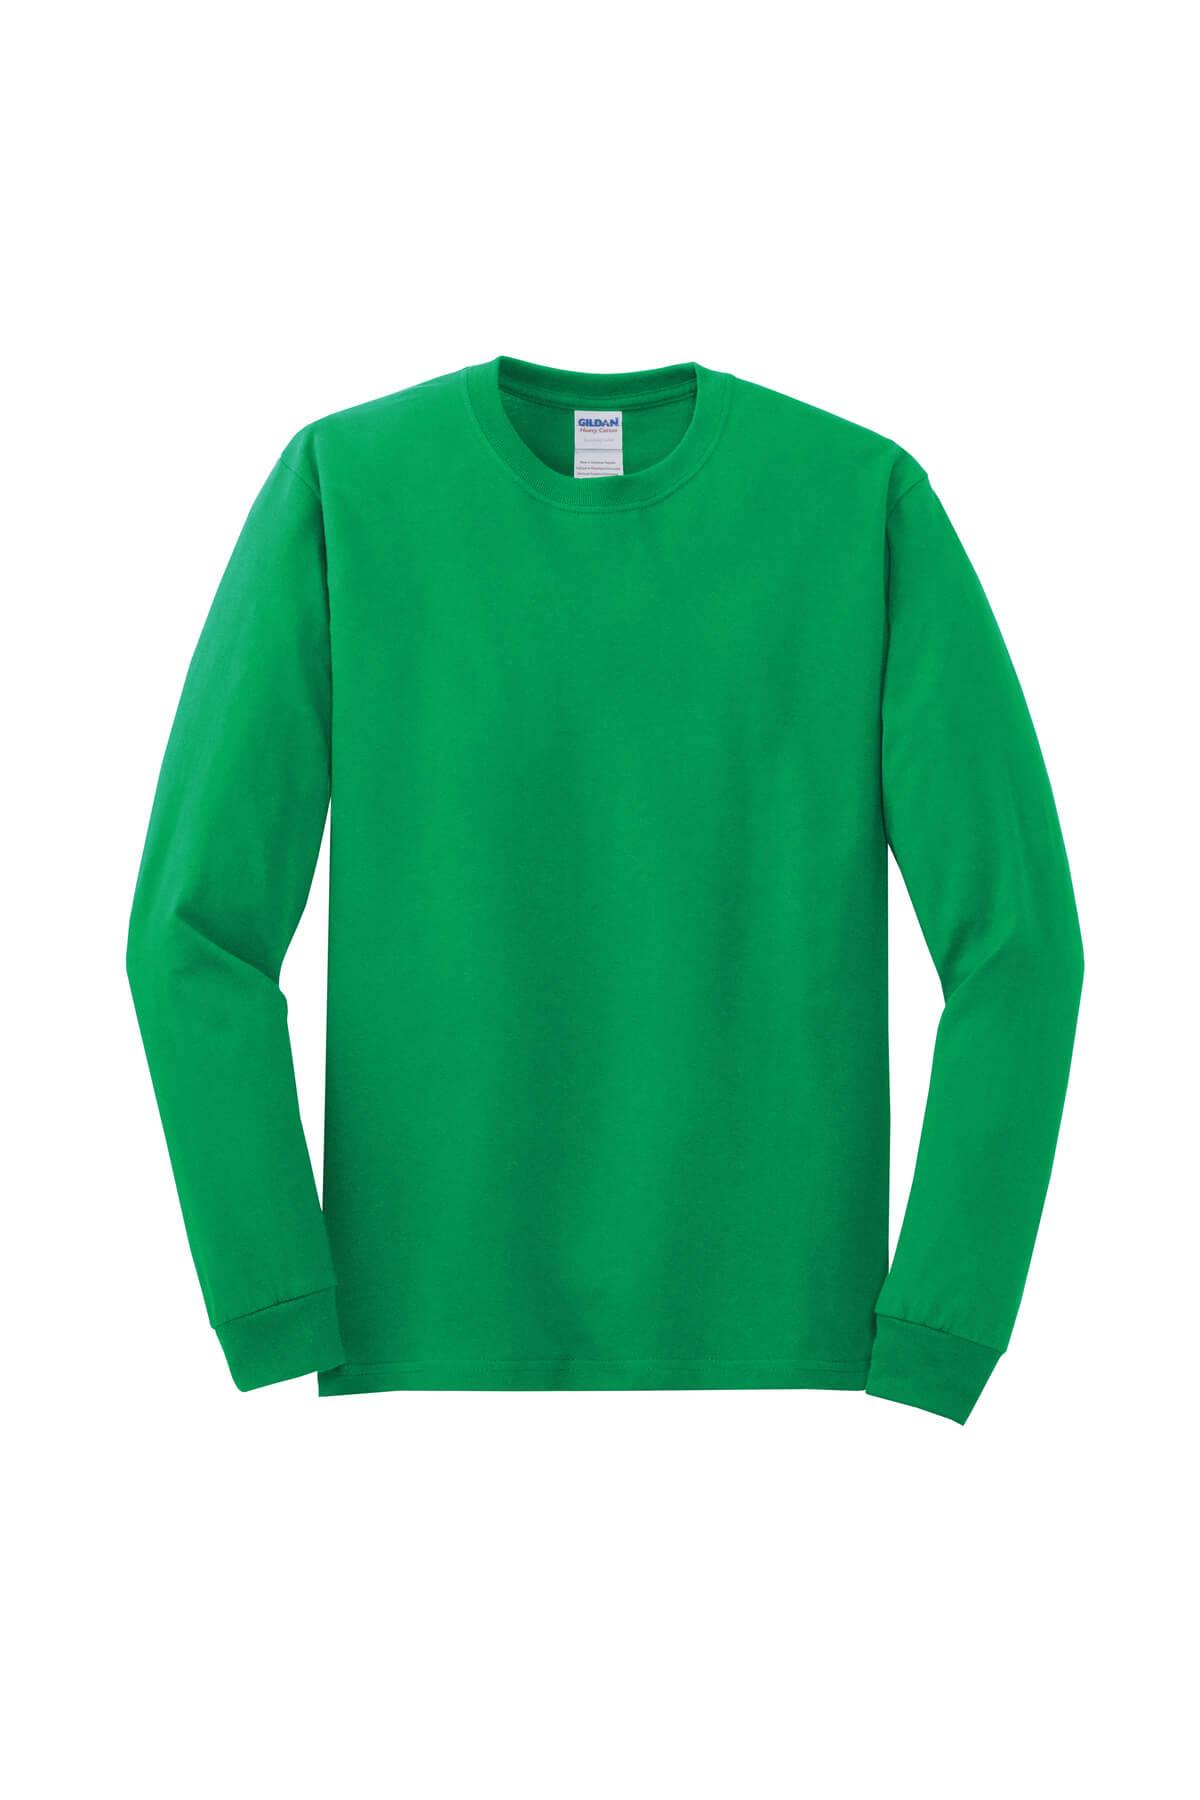 5400-irish-green-5